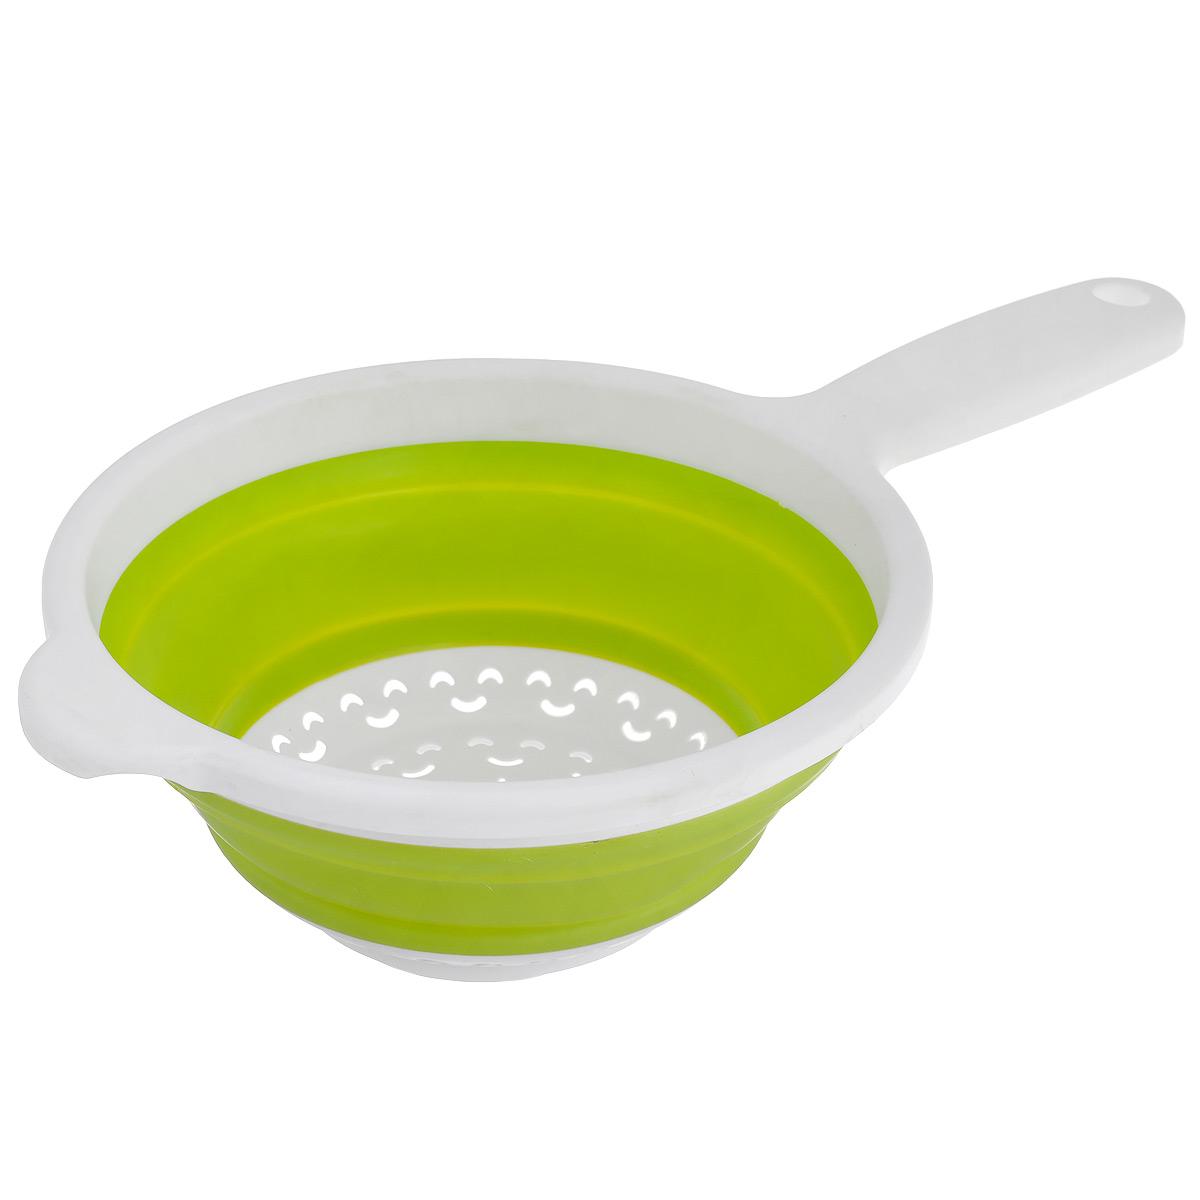 Дуршлаг складной Neo Way, цвет: белый, салатовый, диаметр 20 см9046_белый, салатовыйСкладной дуршлаг Neo Way станет полезным приобретением для вашей кухни. Он изготовлен из высококачественного пищевого силикона и пластика. Дуршлаг оснащен удобной эргономичной ручкой со специальным отверстием для подвешивания. Изделие прекрасно подходит для процеживания, ополаскивания и стекания макарон, овощей, фруктов. Дуршлаг компактно складывается, что делает его удобным для хранения. Можно мыть в посудомоечной машине. Диаметр (по верхнему краю): 20 см. Максимальная высота: 8,5 см. Минимальная высота: 3 см.